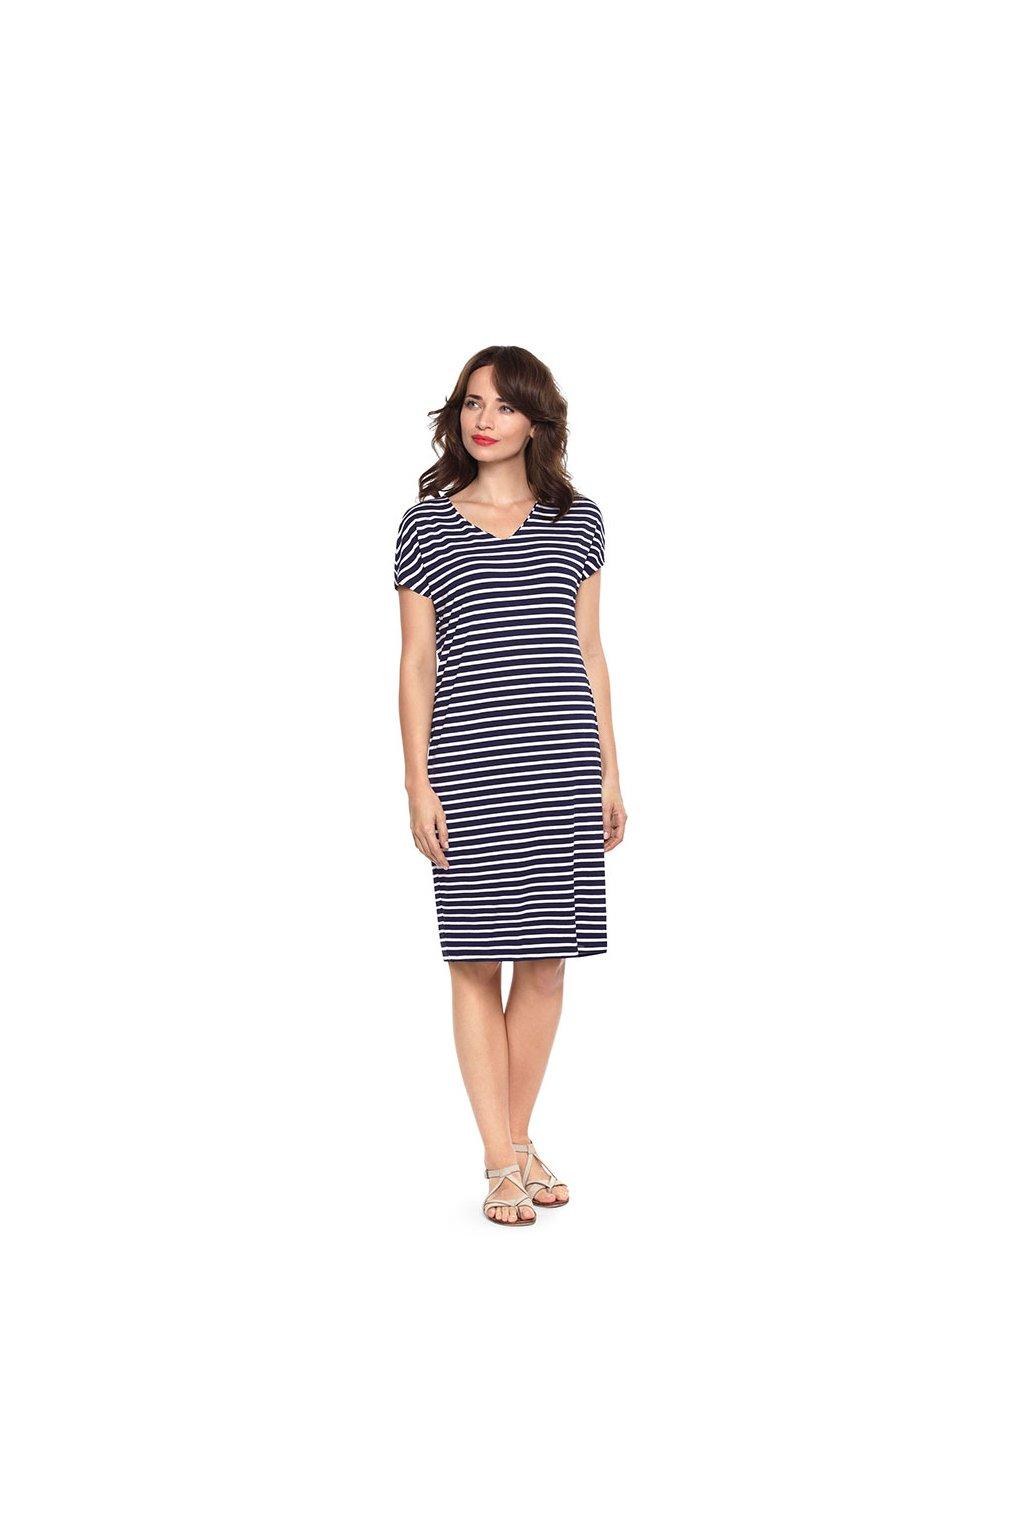 Dámské šaty s krátkým rukávem, 105106 101, tmavě modrá